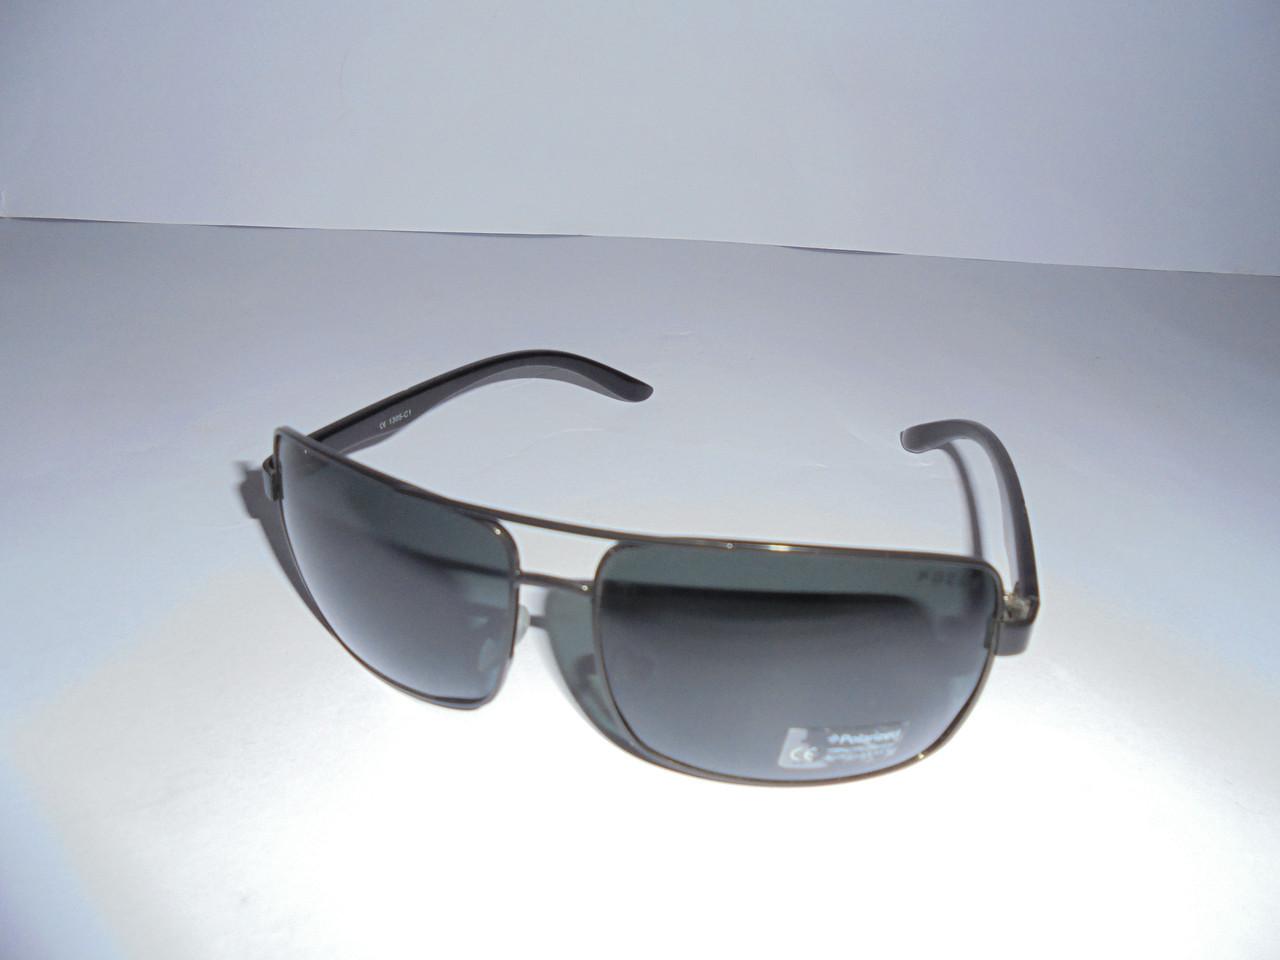 Мужские Солнцезащитные Очки Polaroid 6732, Стильные, Модный Аксессуар, Очки,  Мужские, Качество ,прямоугольные — в Категории